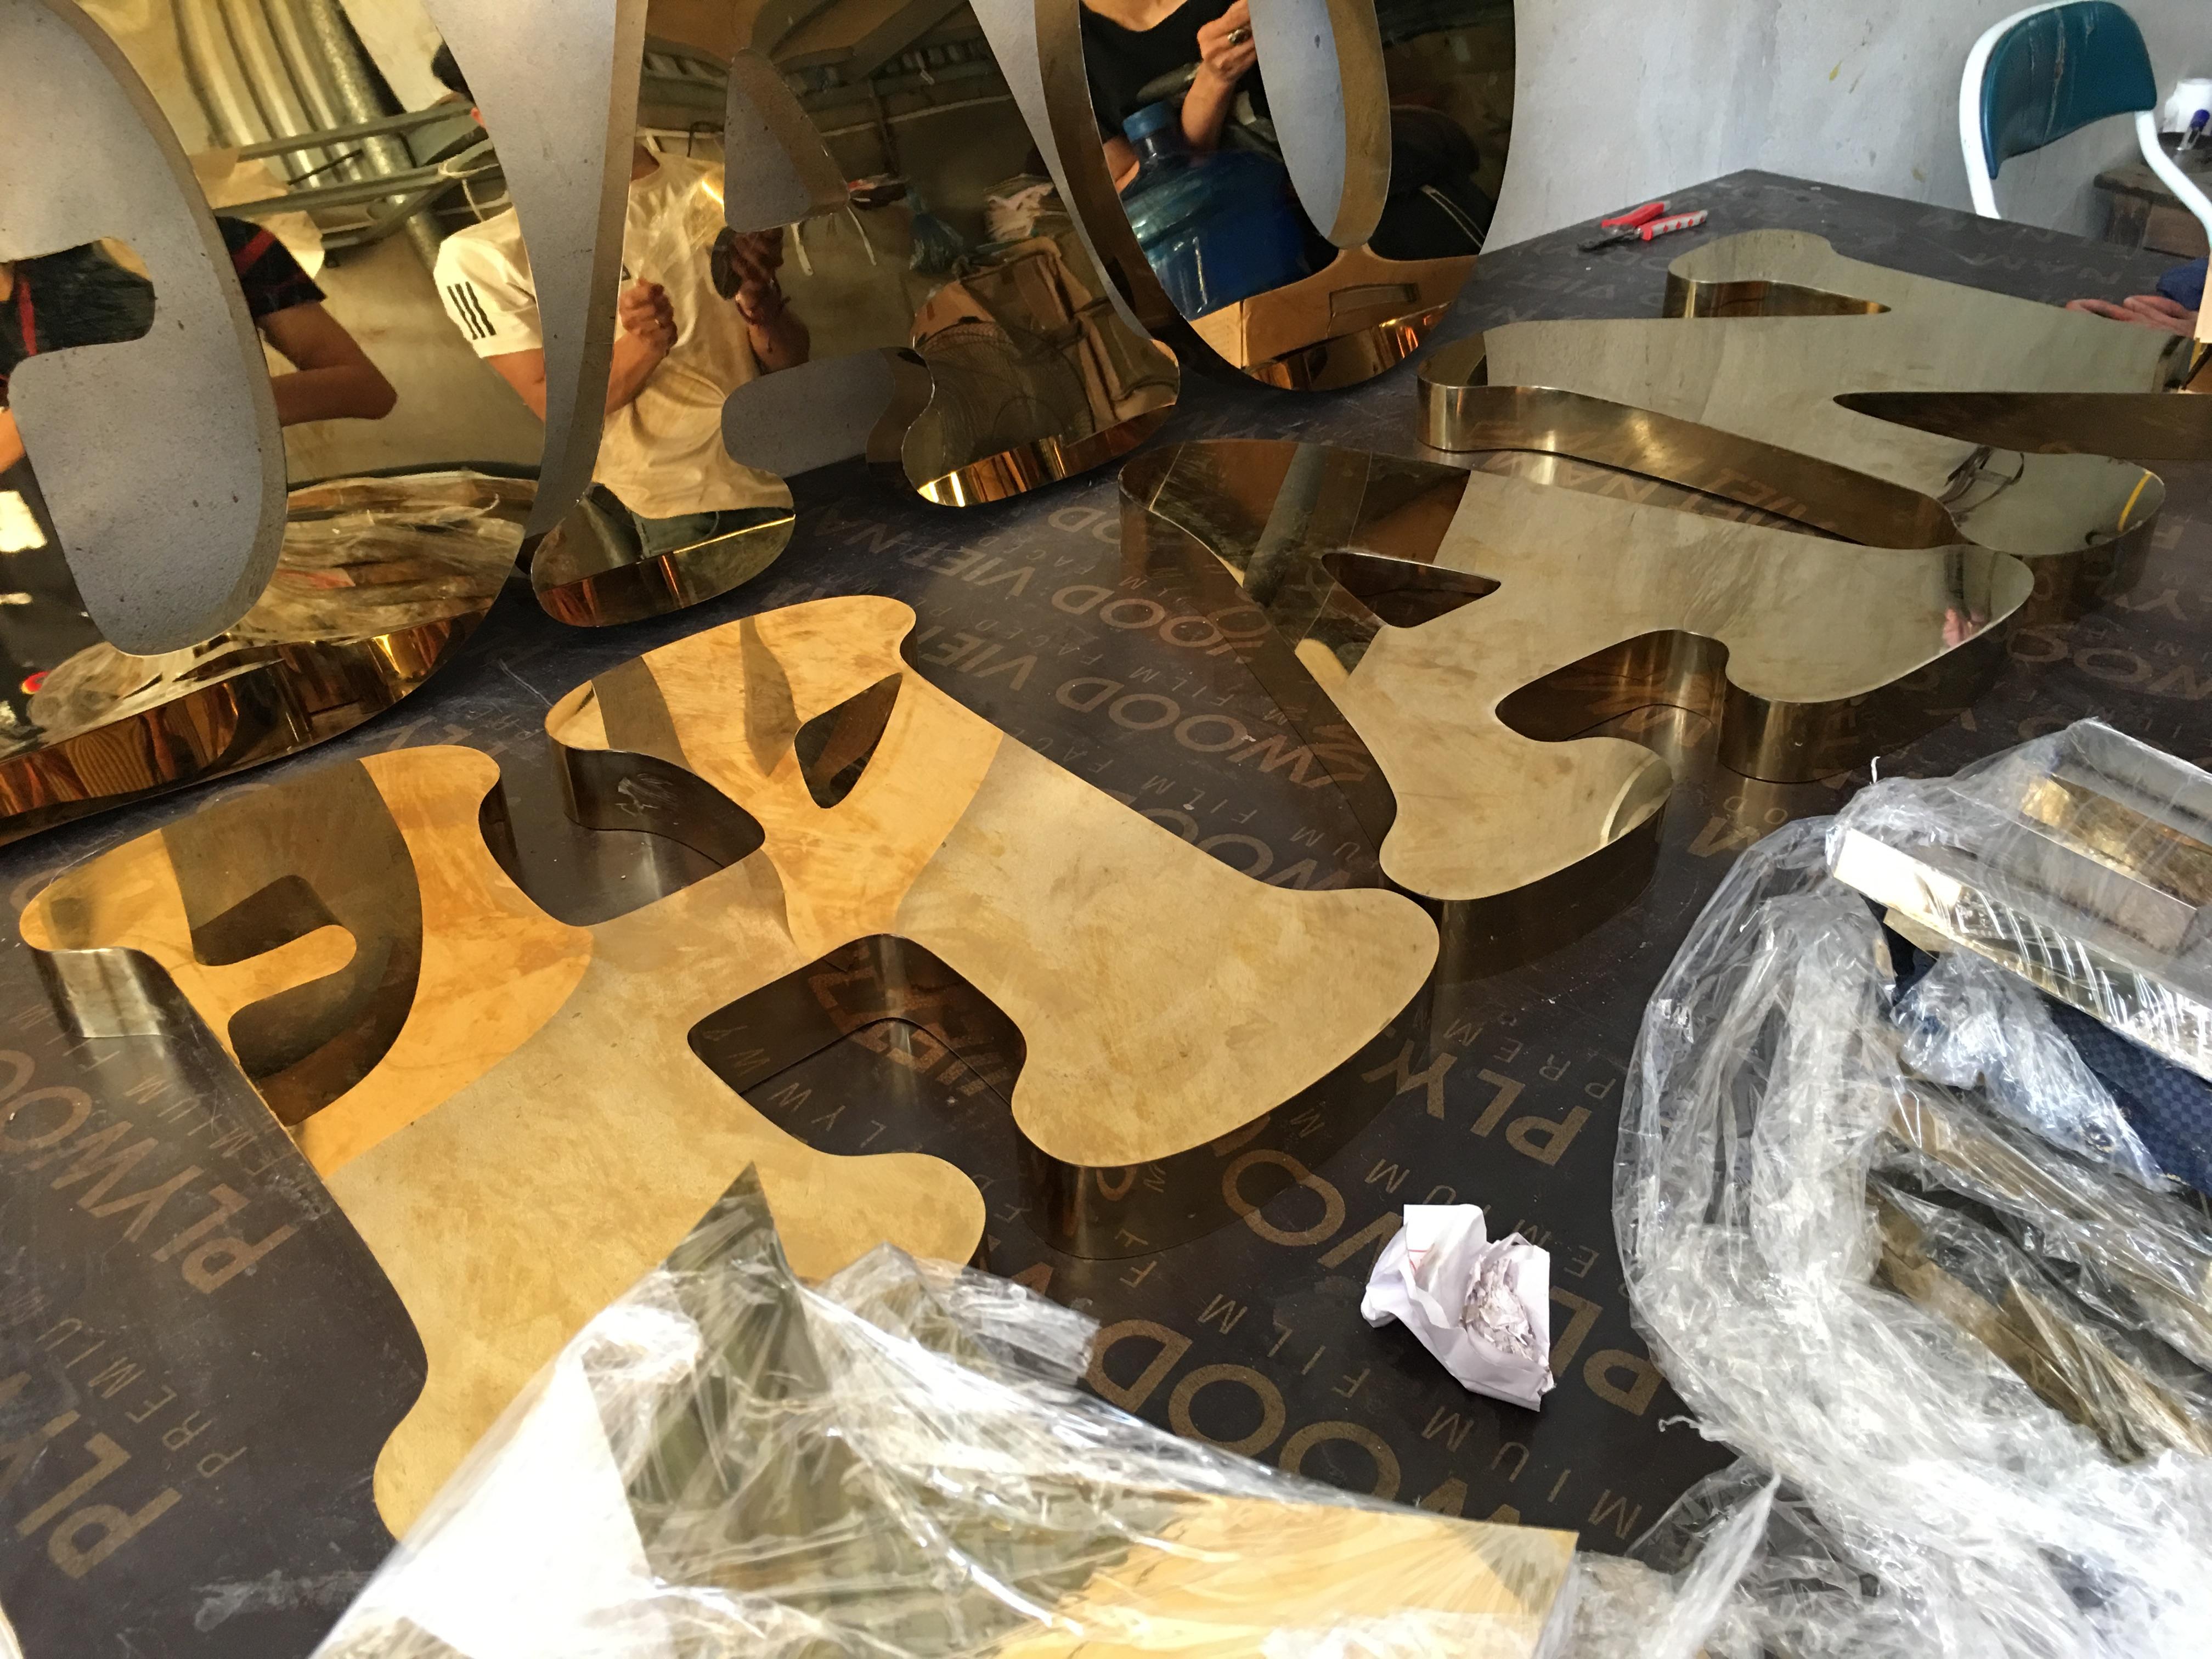 Chữ nổi inox 3D - Bảng giá gia công chữ nổi, chữ inox 3D mới nhất - Xưởng cắt chữ inox chuyên nghiệp